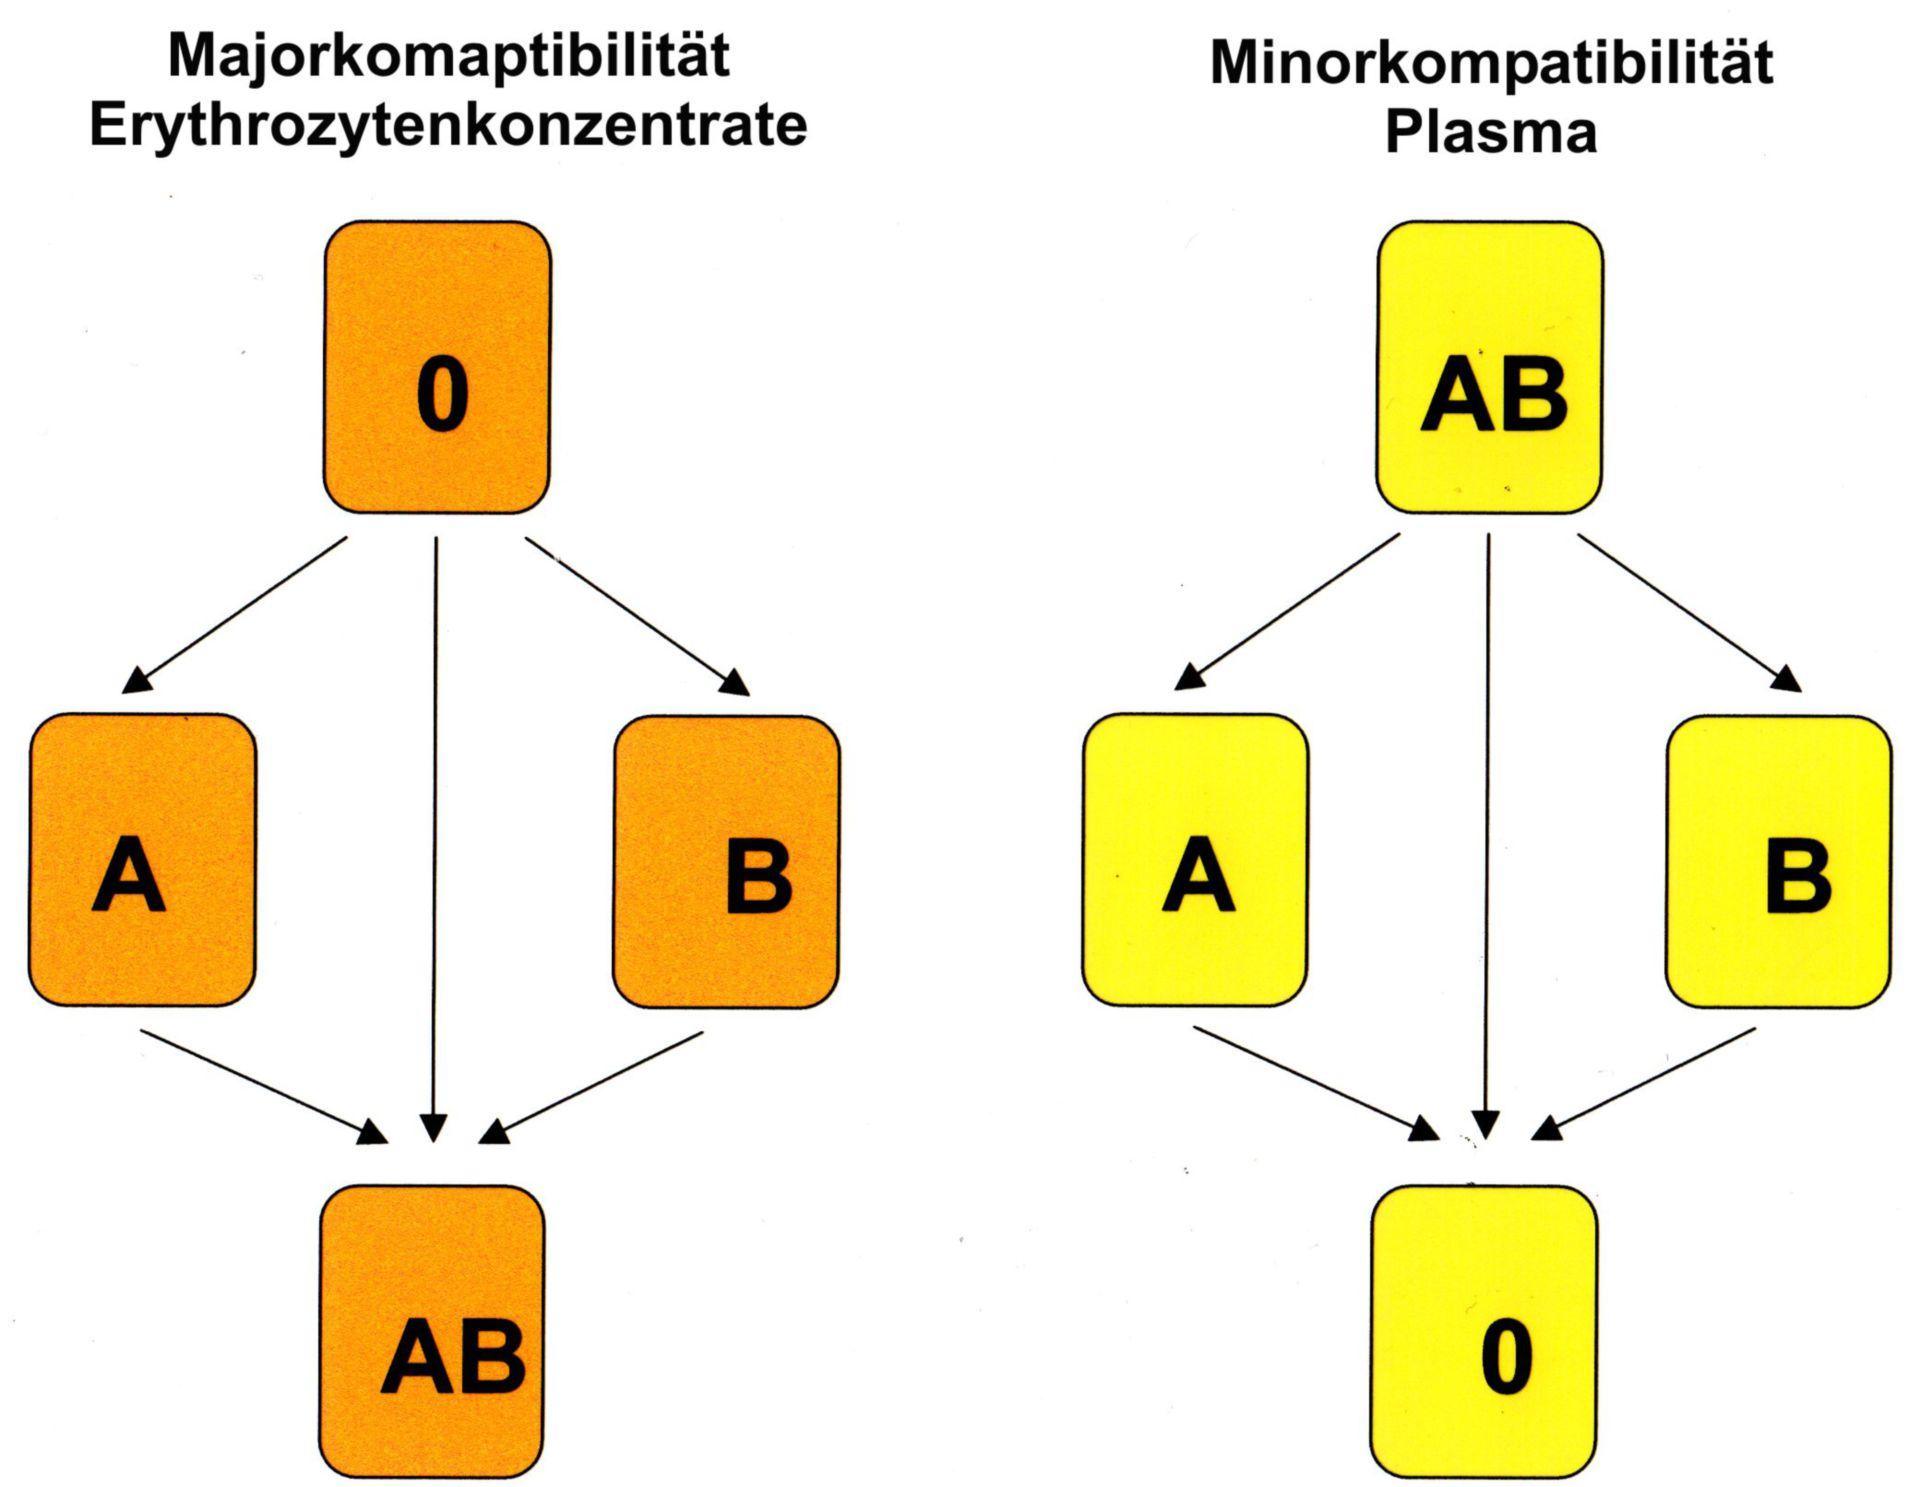 ABO-compatibility